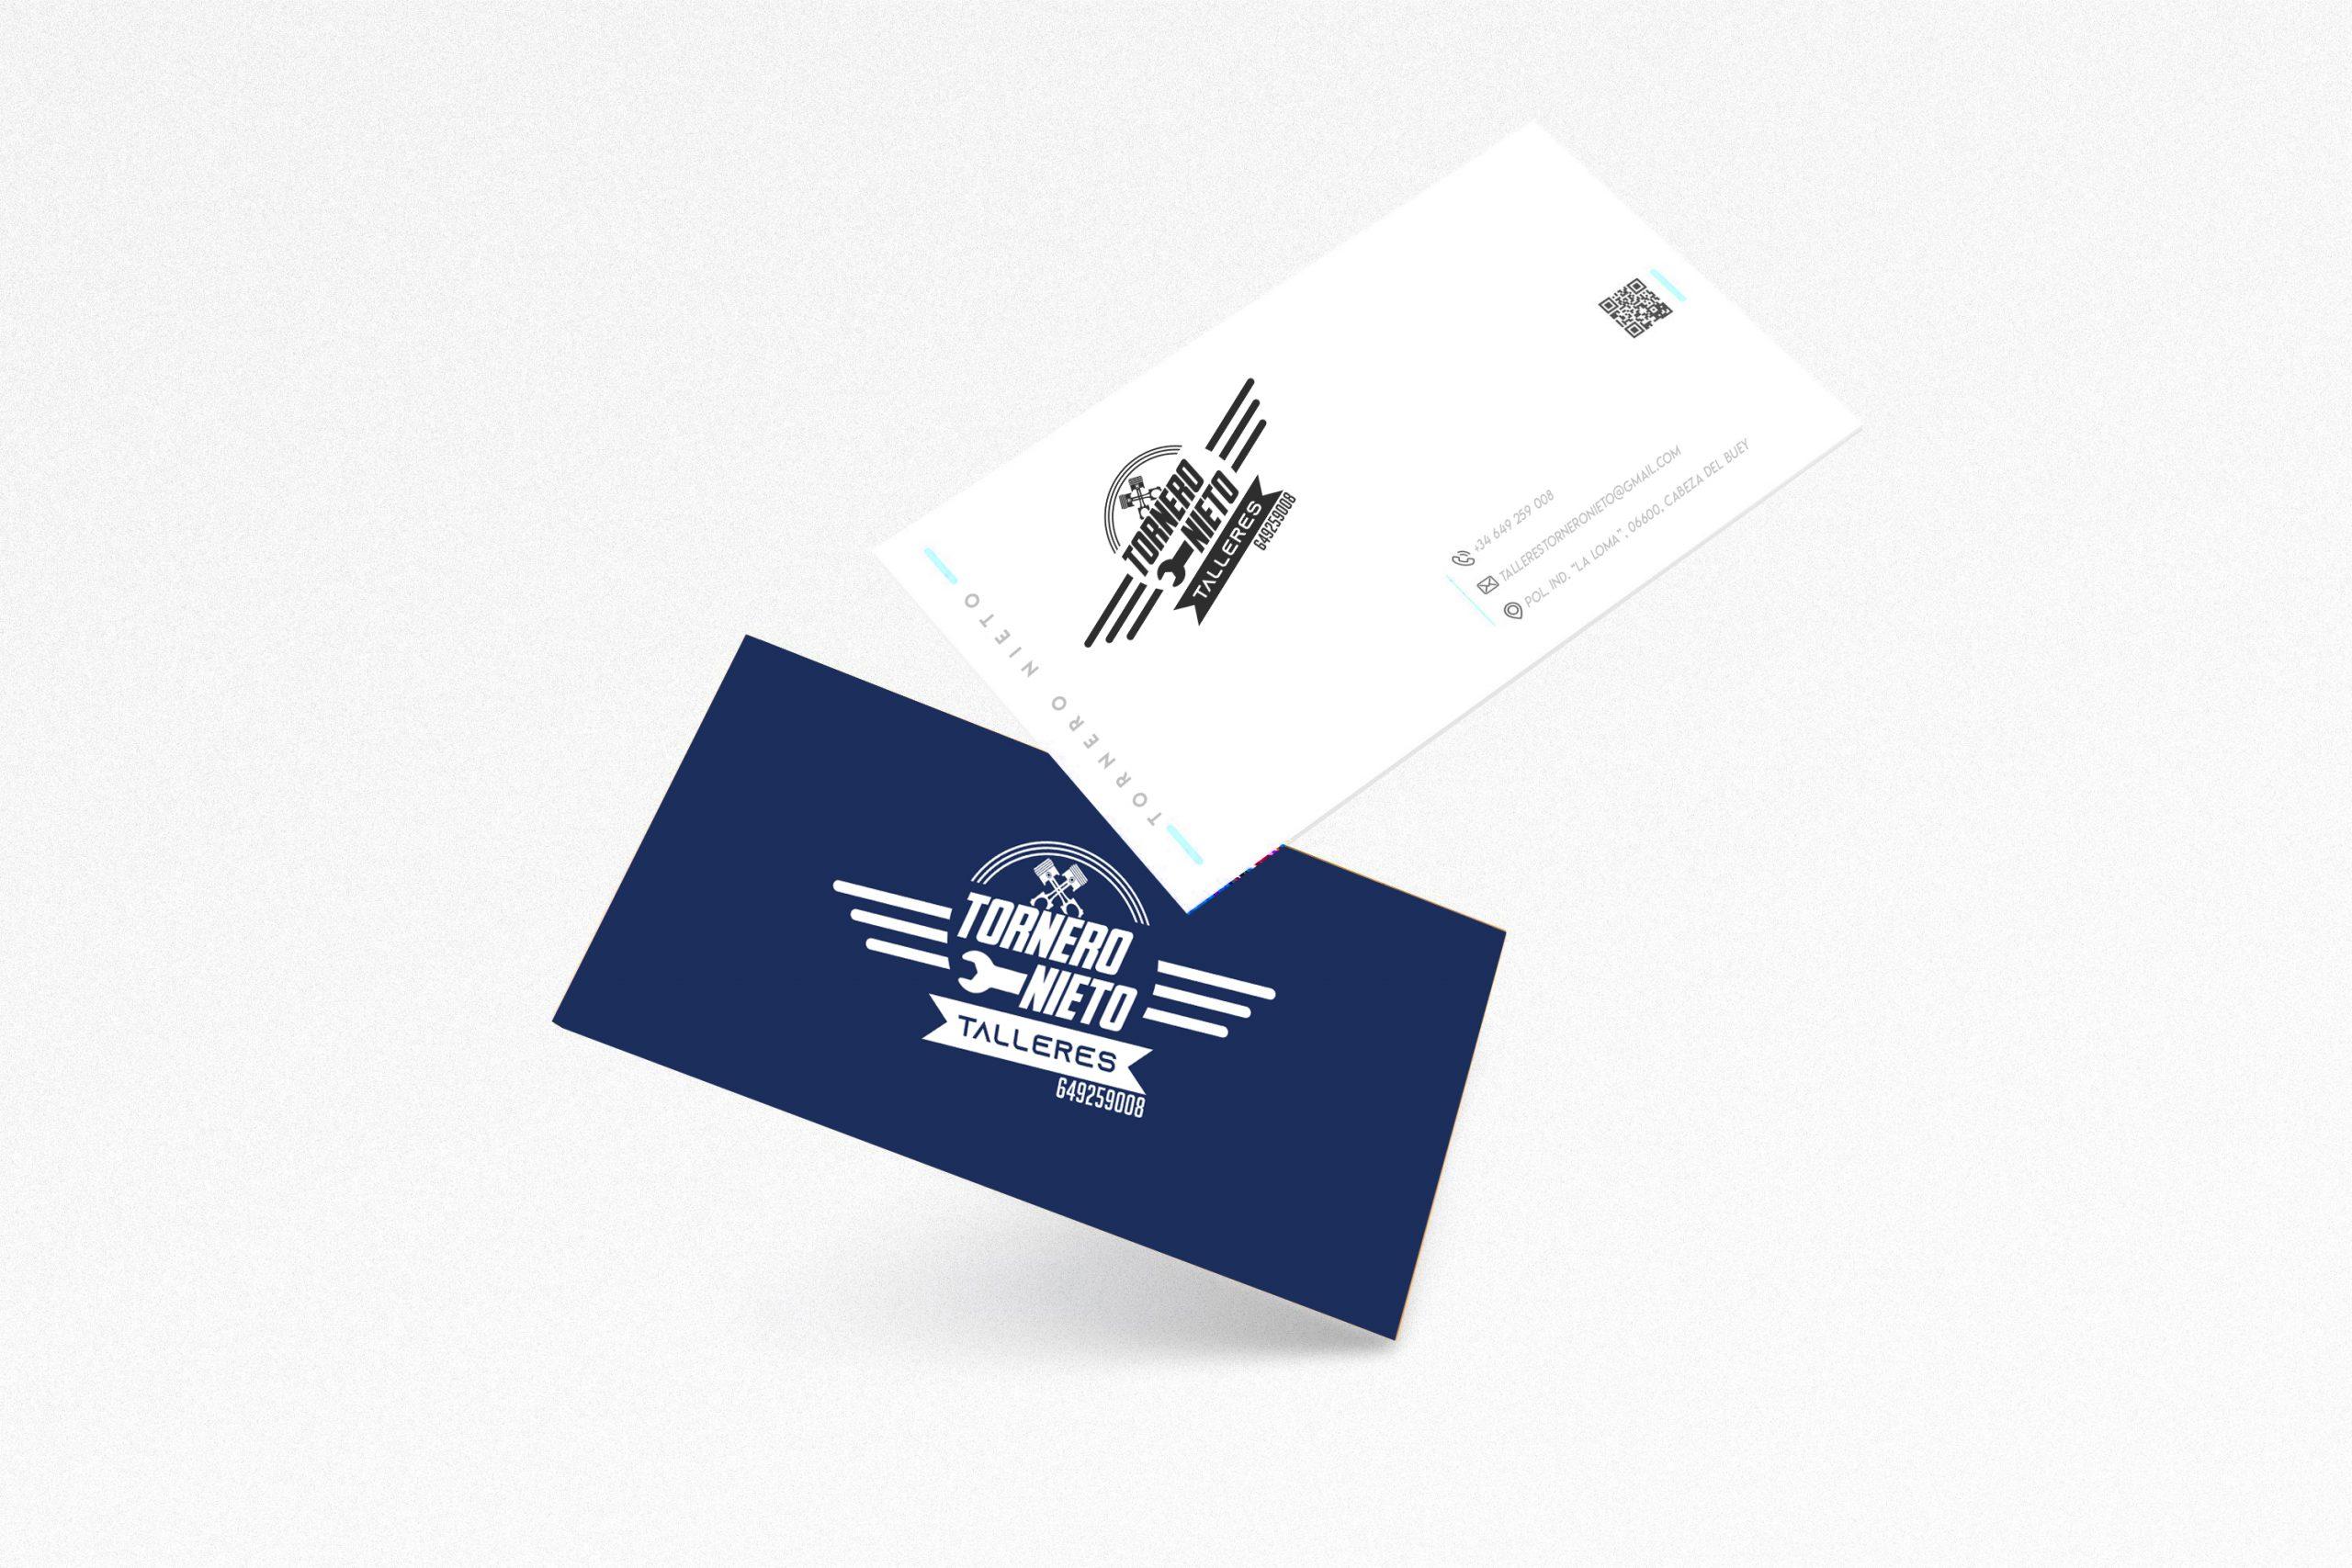 Diseño gráfico para Talleres Tornero Nieto